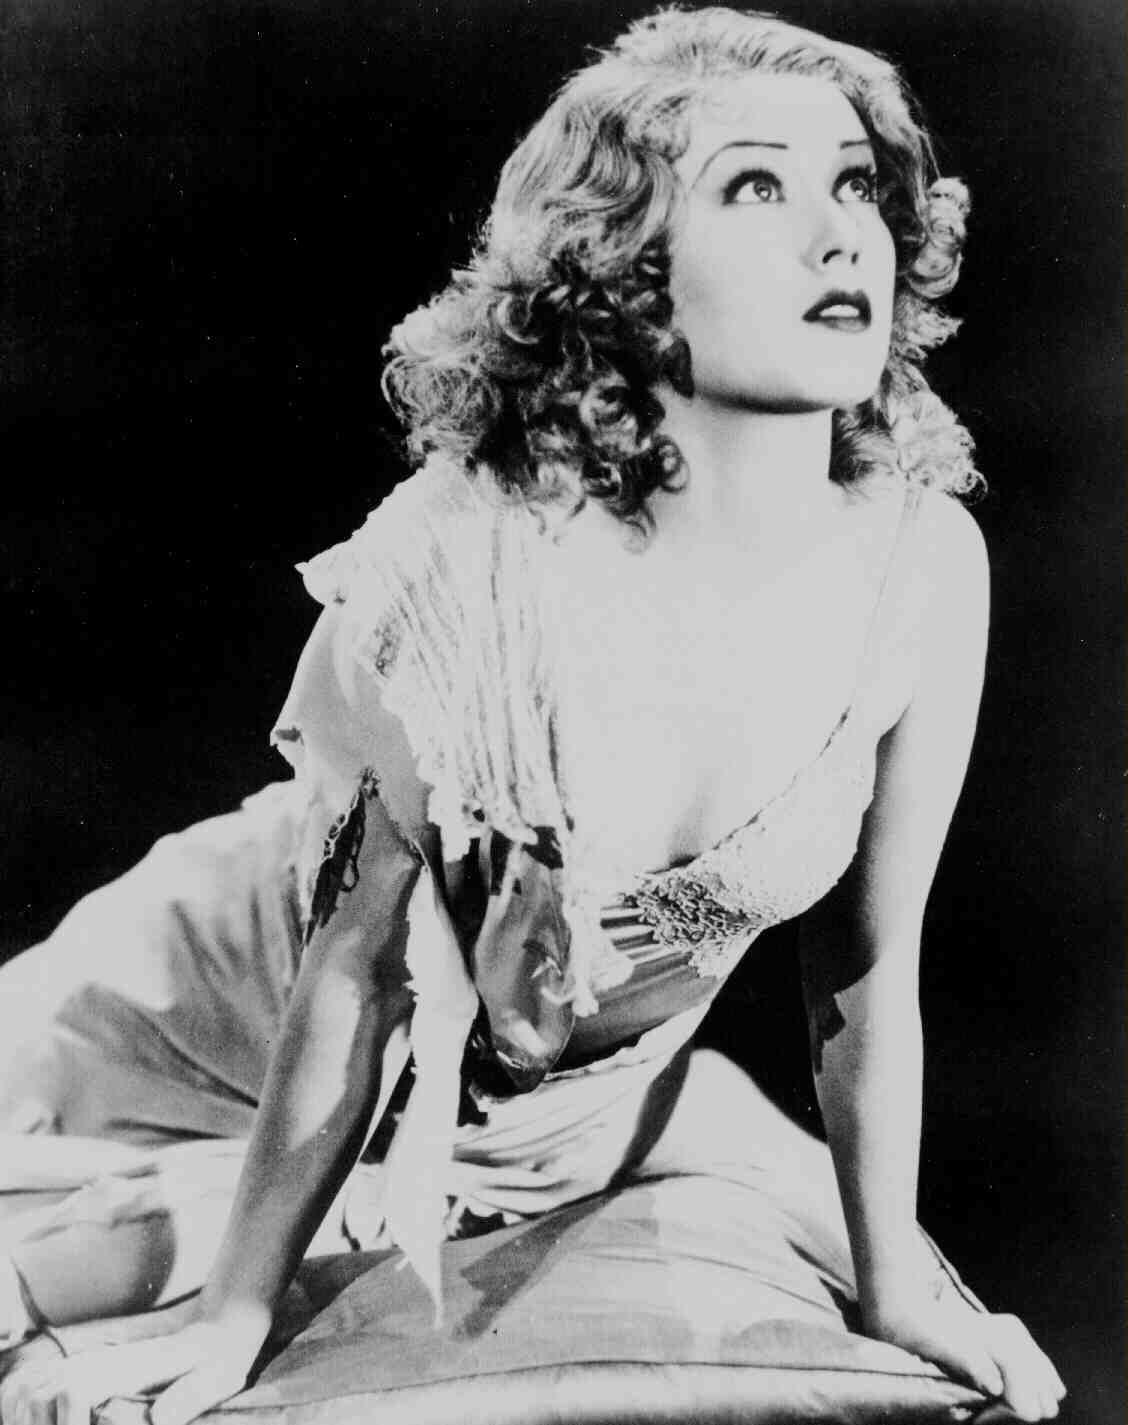 Medium Publicity Shot Of Fay Wray As Ann Darrow Clutching Bruce